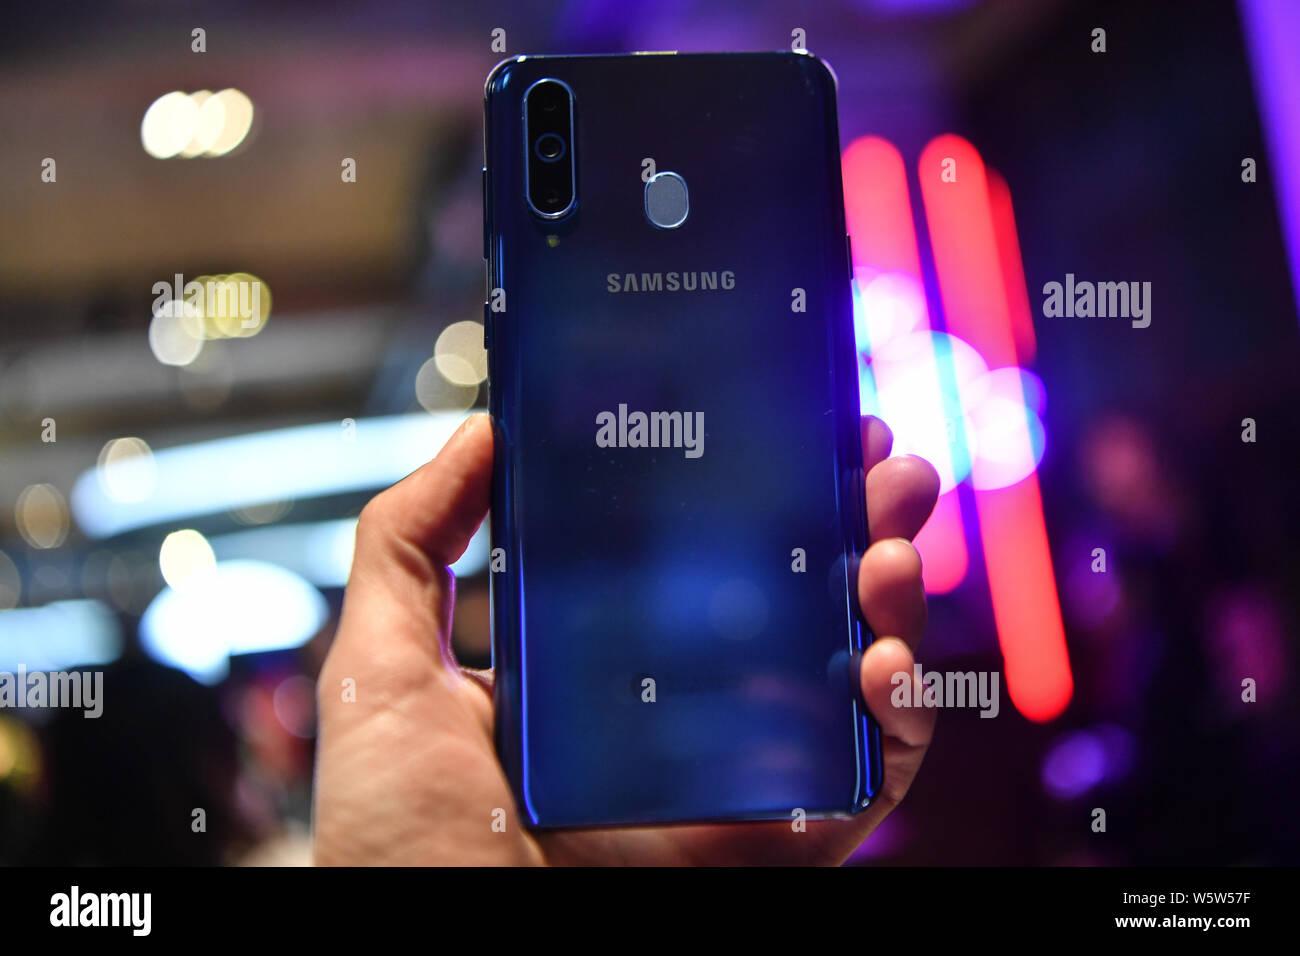 Un cliente tenta di eseguire un Samsung Galaxy A8s smartphone durante l'evento di lancio a Pechino in Cina, 10 dicembre 2018. Samsung ha annunciato il suo primo Infini Foto Stock